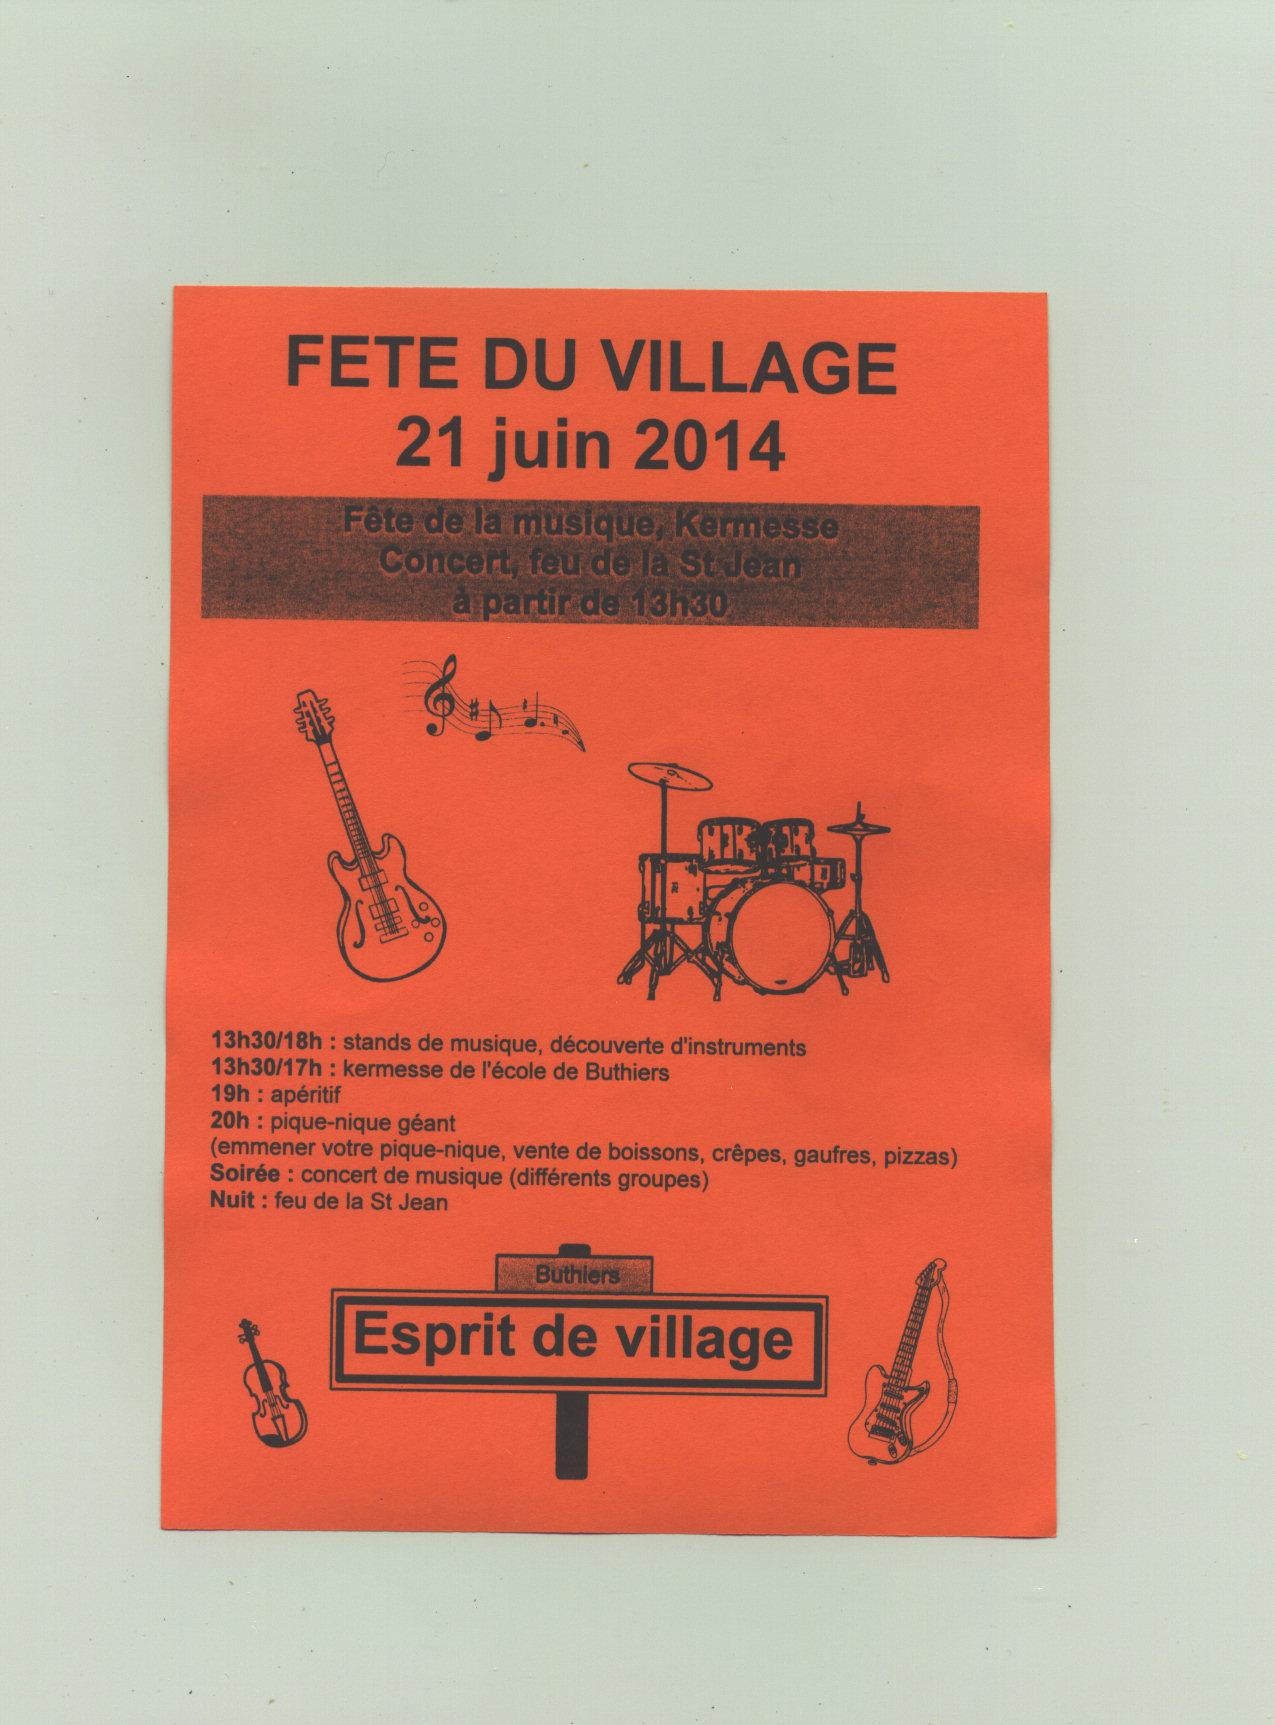 Fête du village 2014